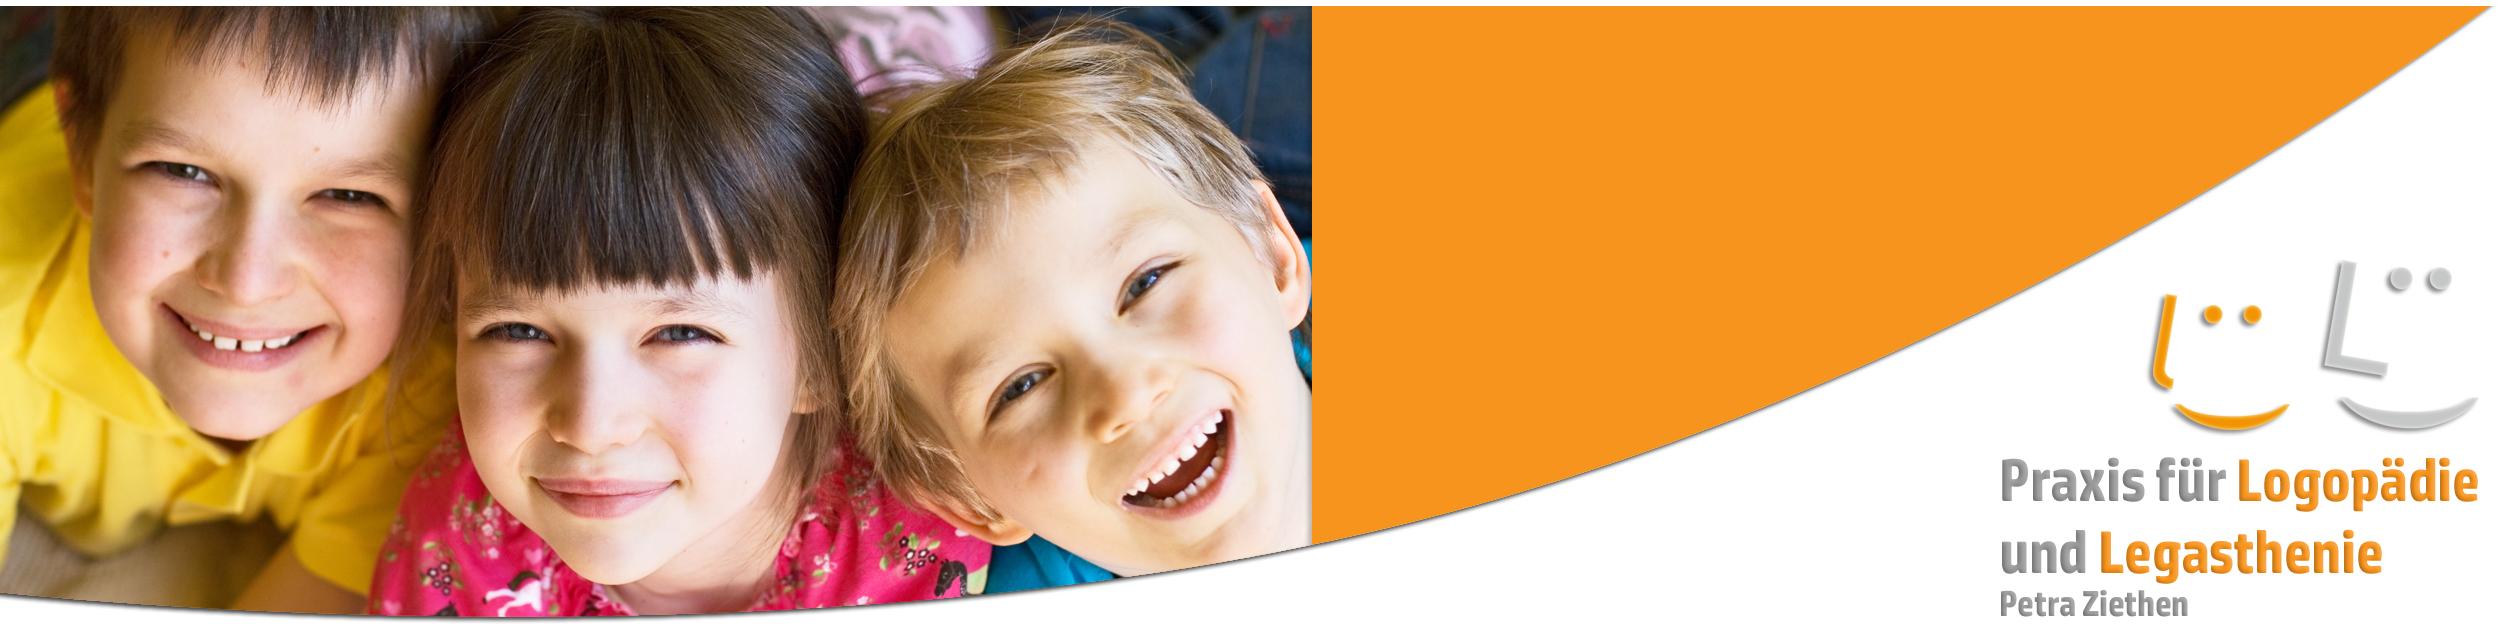 Logopädie Ziethen lachende Kinder